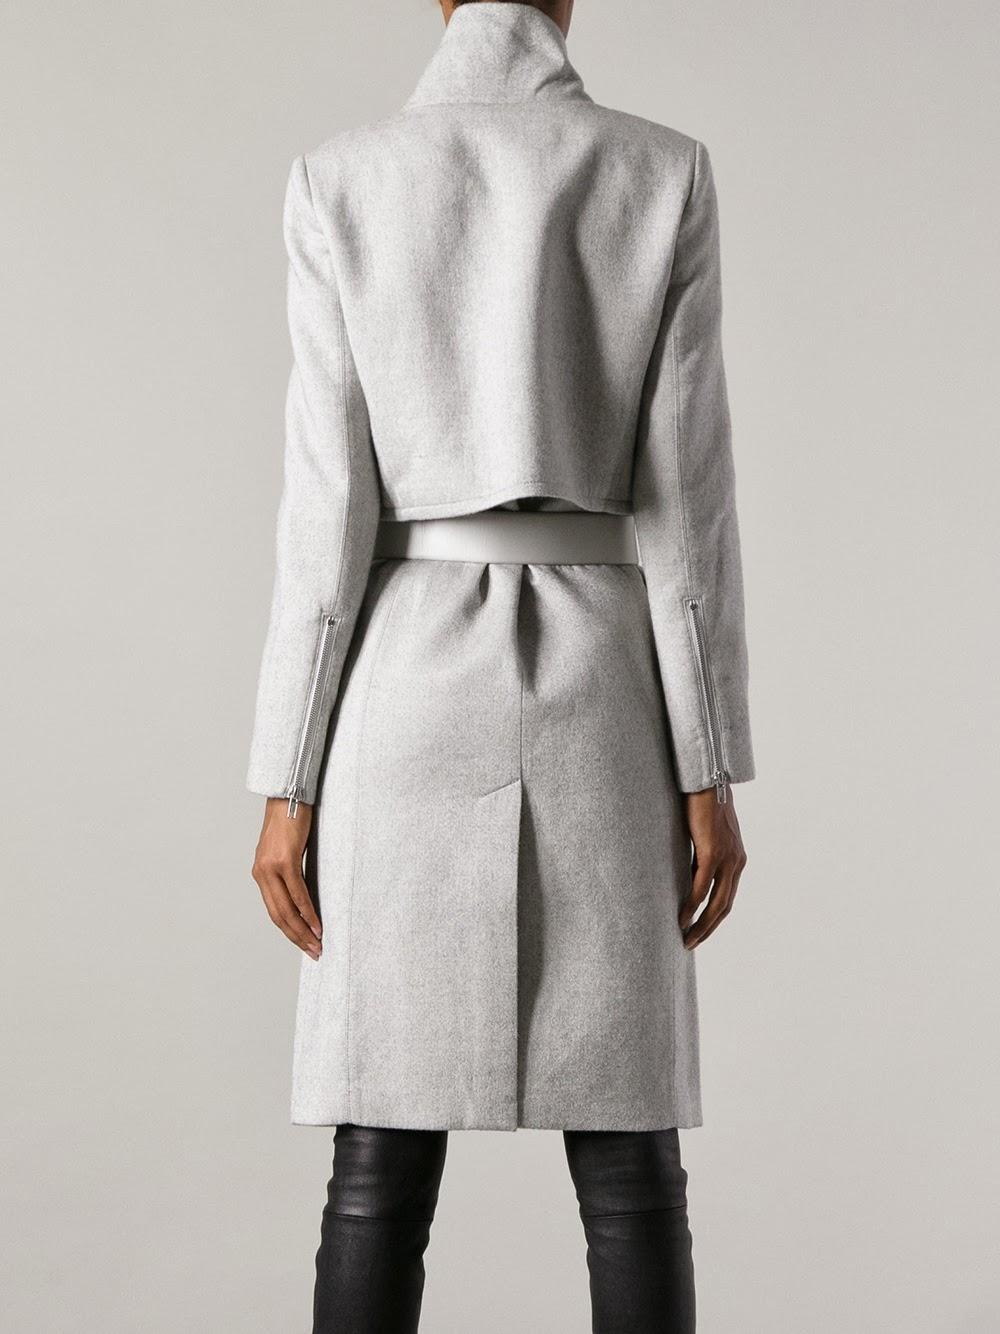 top 10 coats